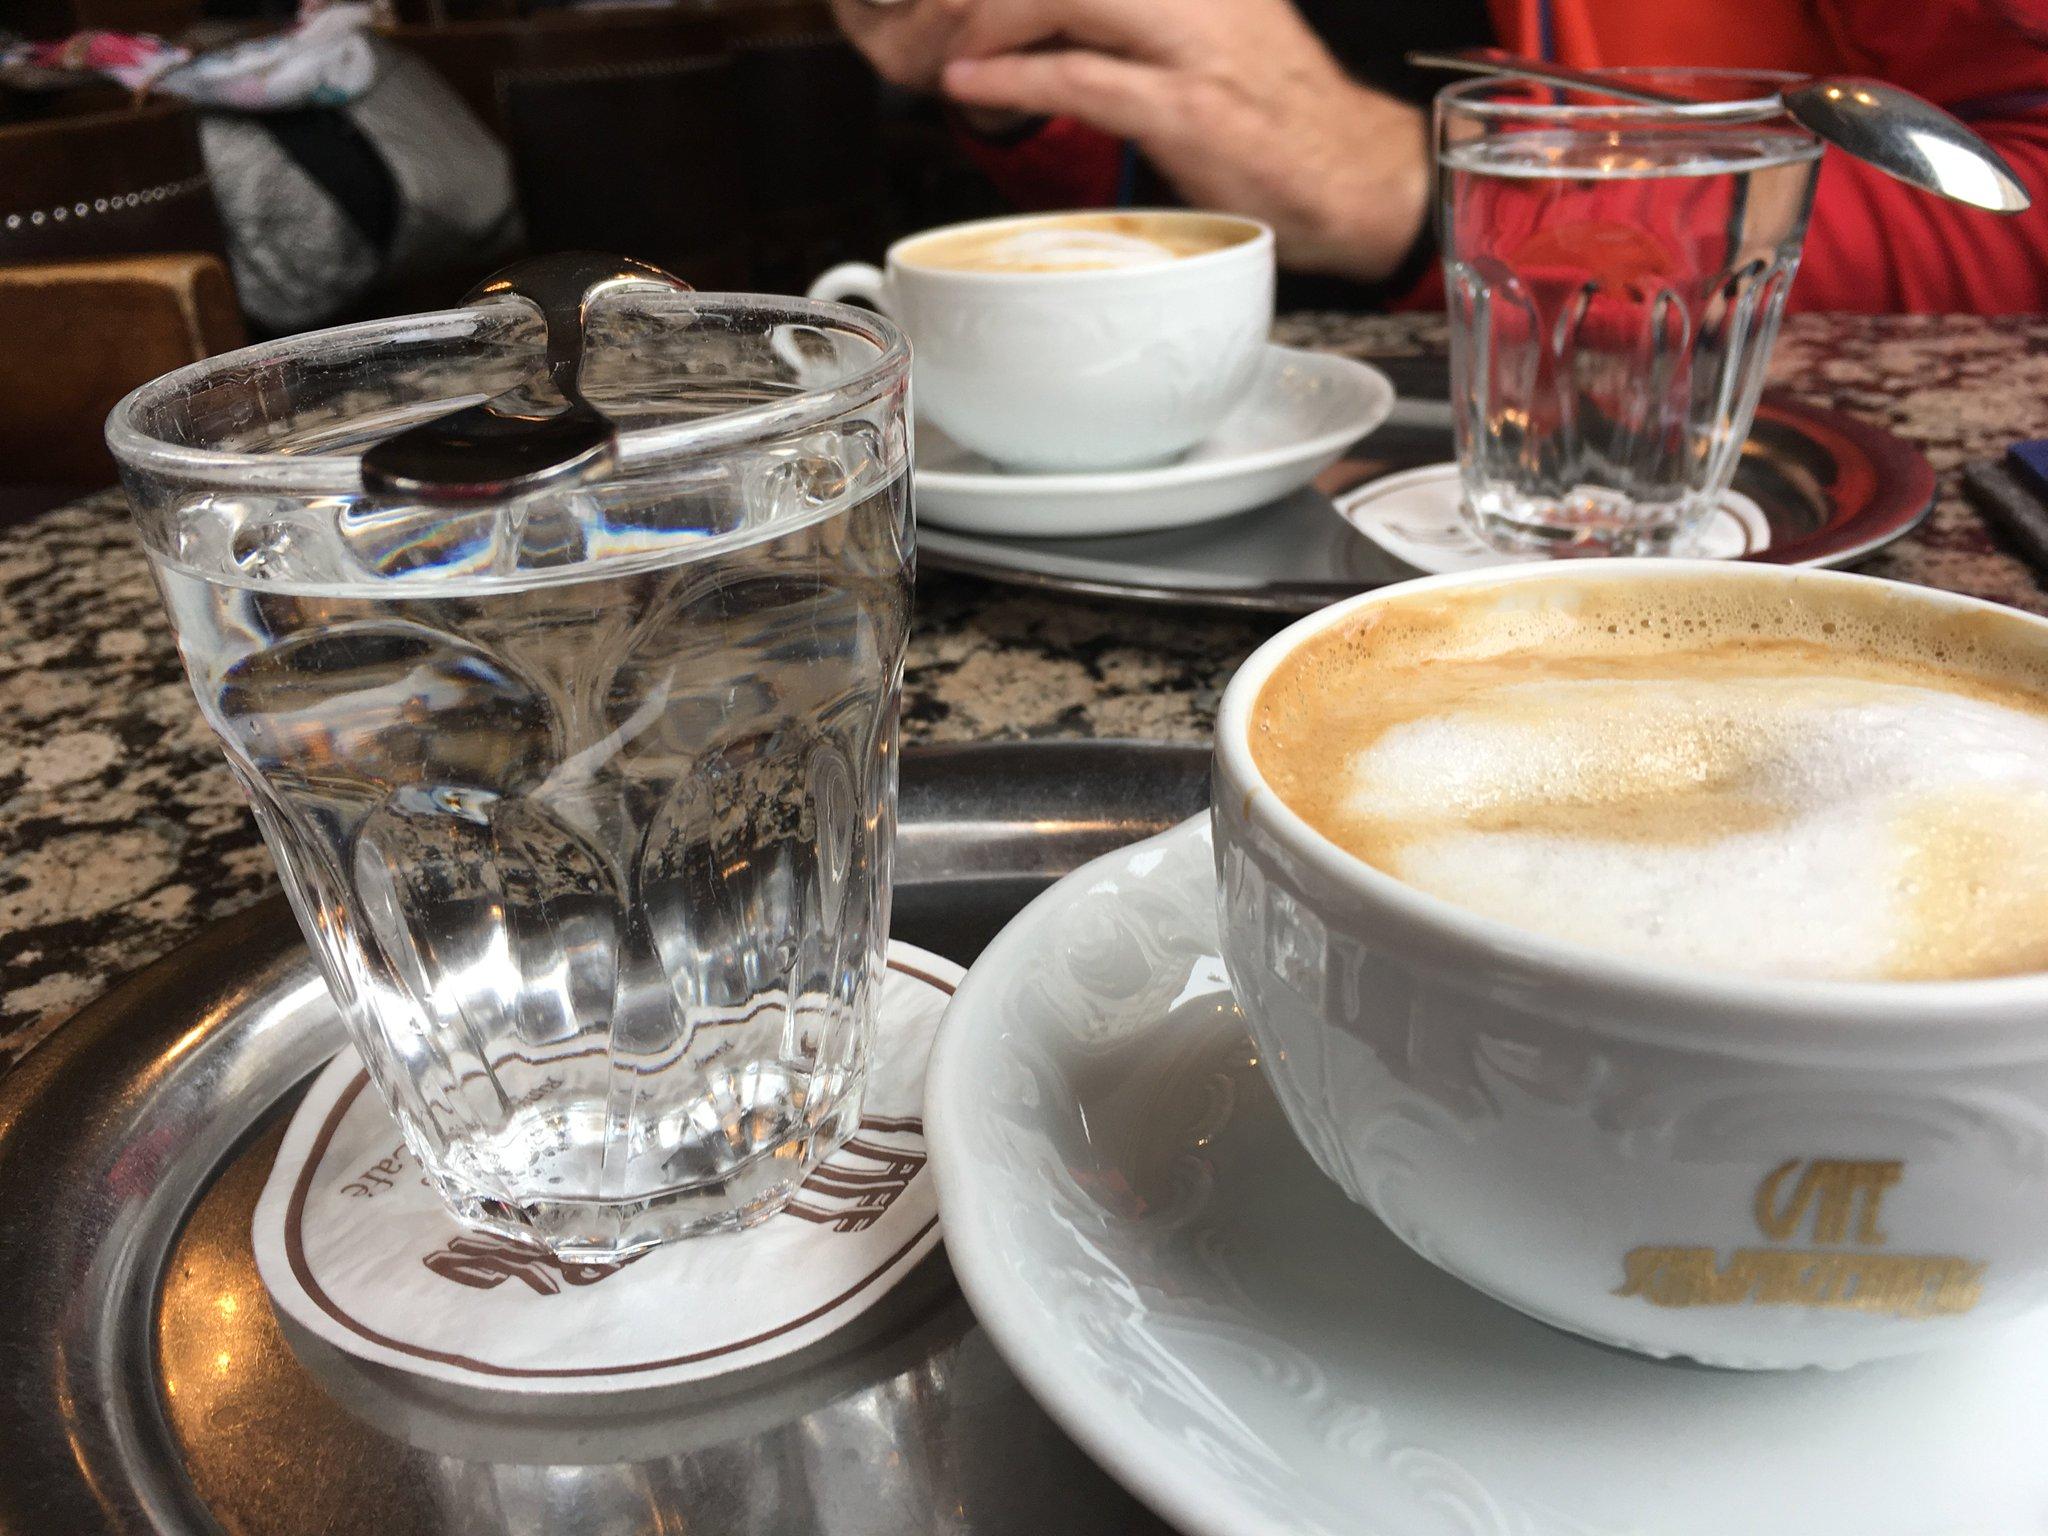 Haben ein wunderschönes Café in Wien gefunden… und es ist sogar rauchfrei!!! #meurers #walz2null https://t.co/7ud66FjBMd